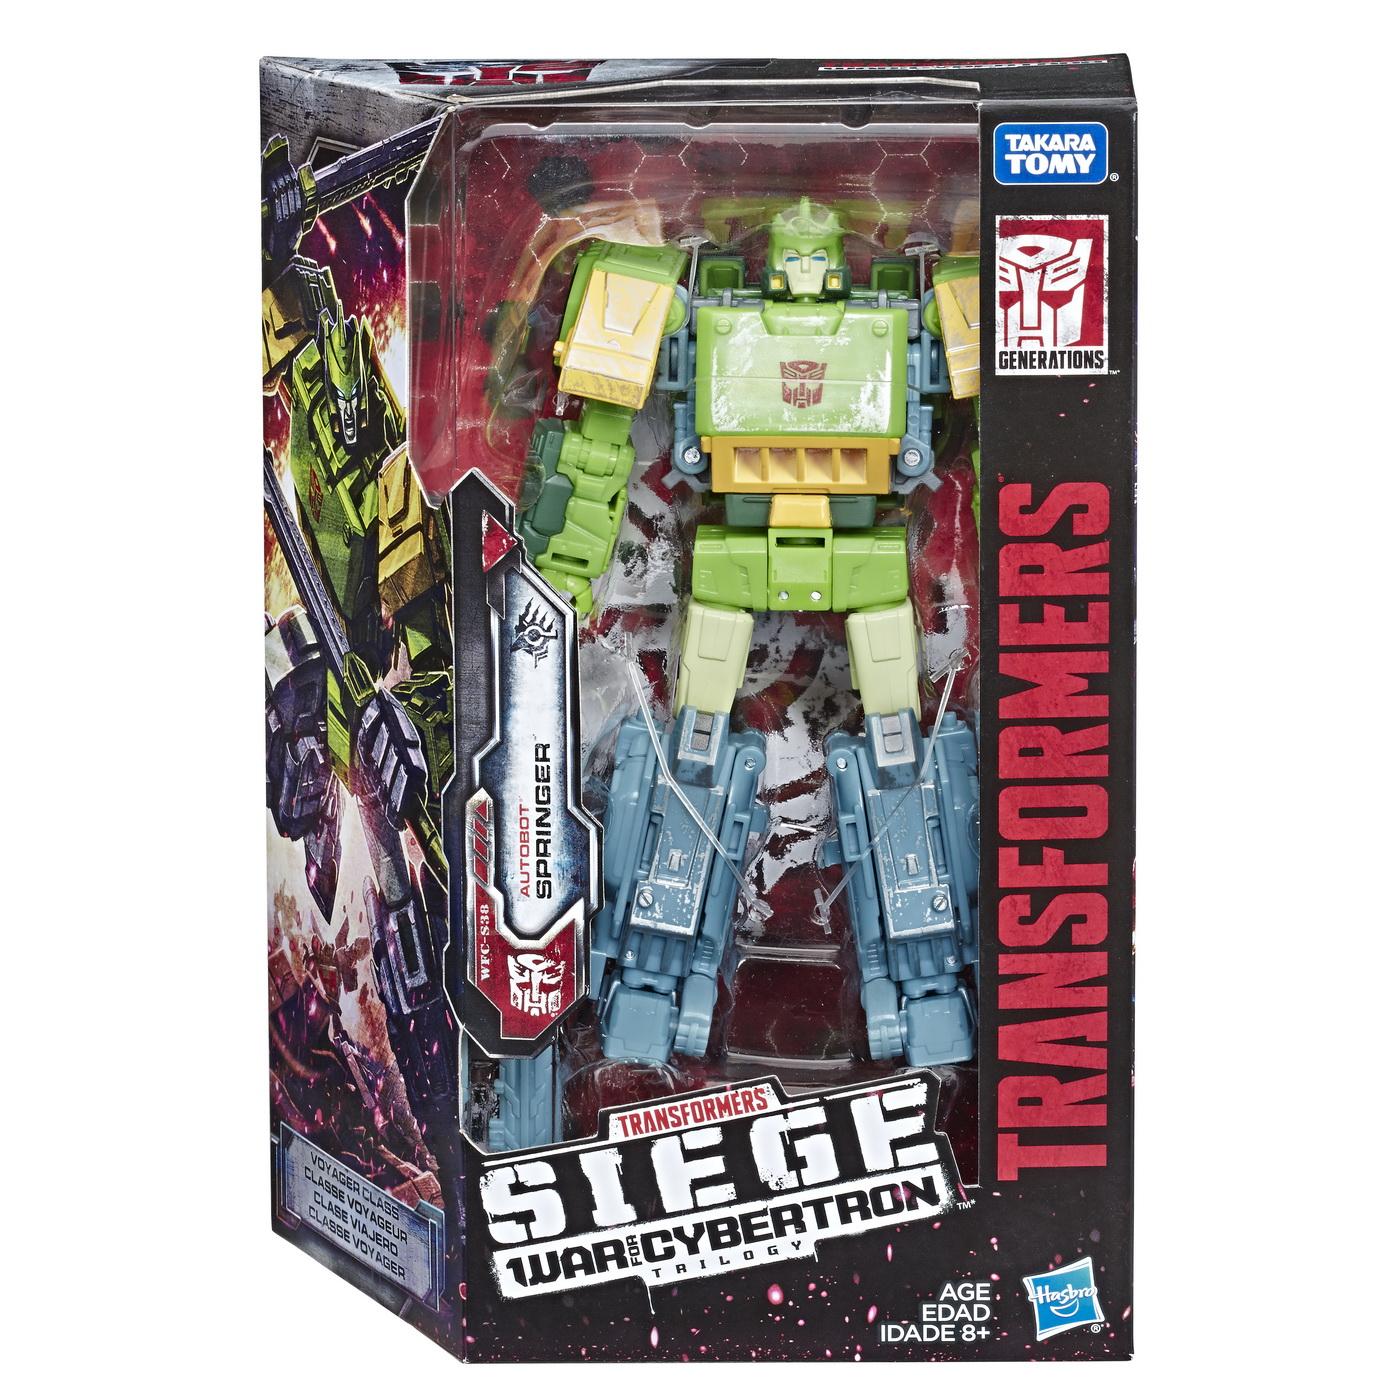 Transformers Voyager Robot Autobot Springer